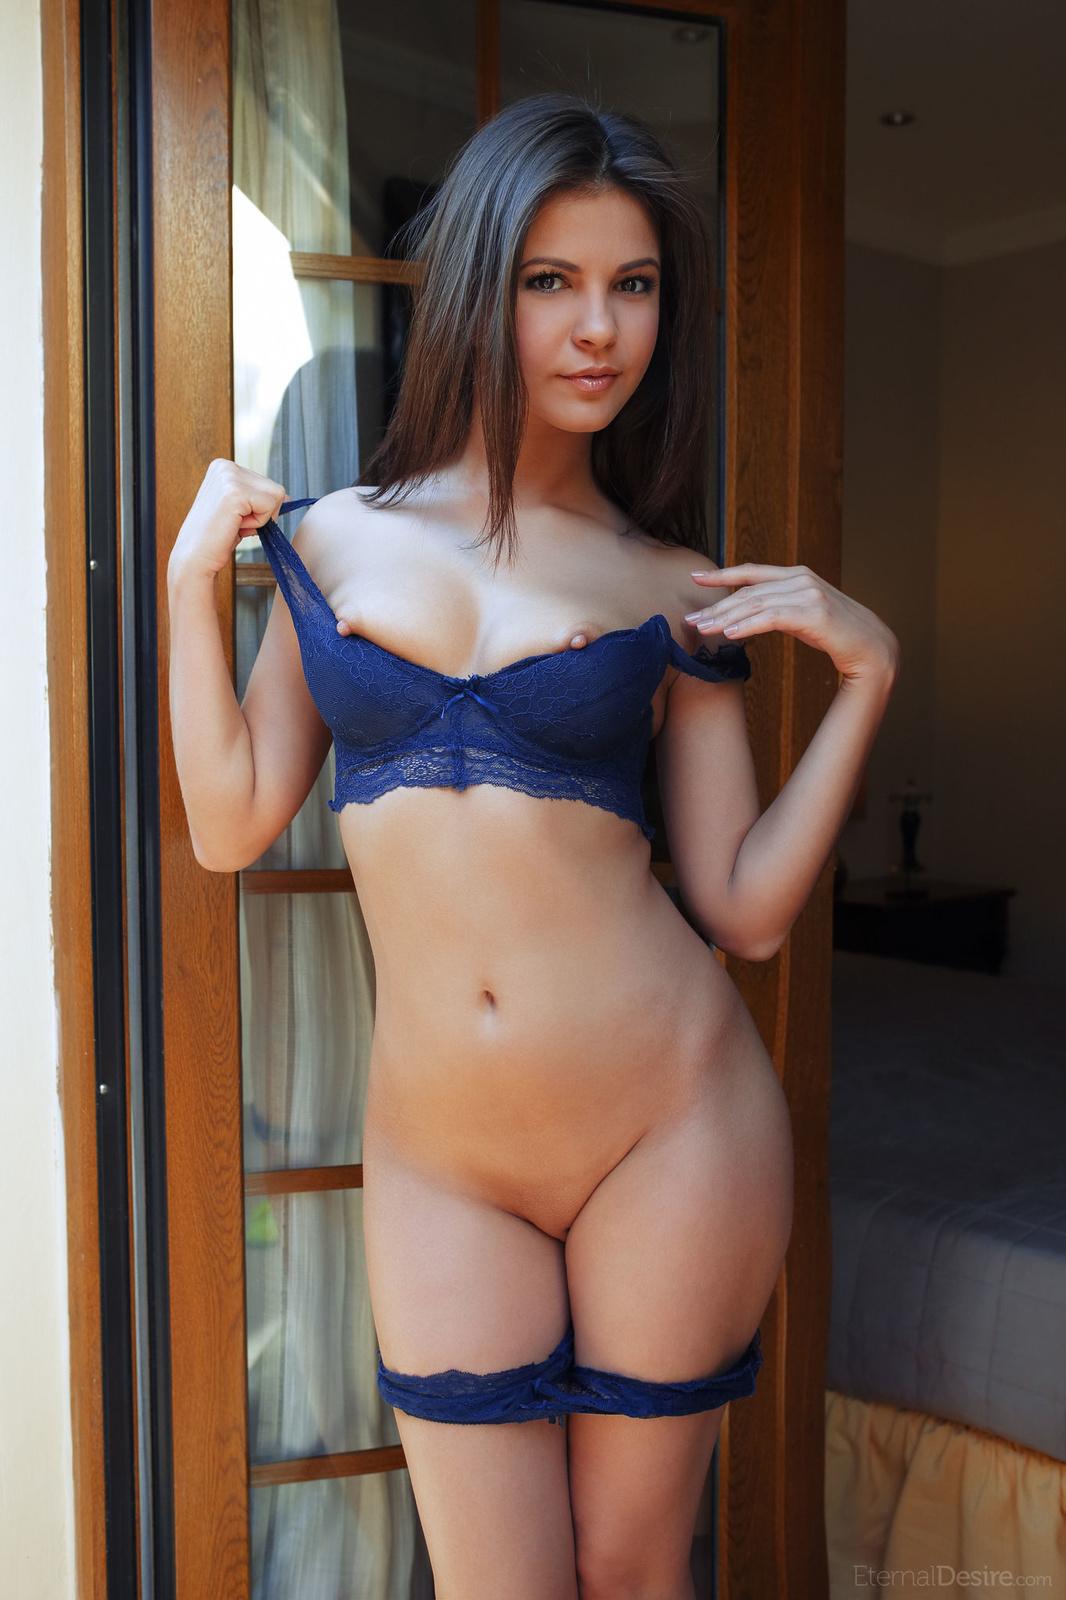 Zdjęcie porno - 0816 - Seksowna sztuka